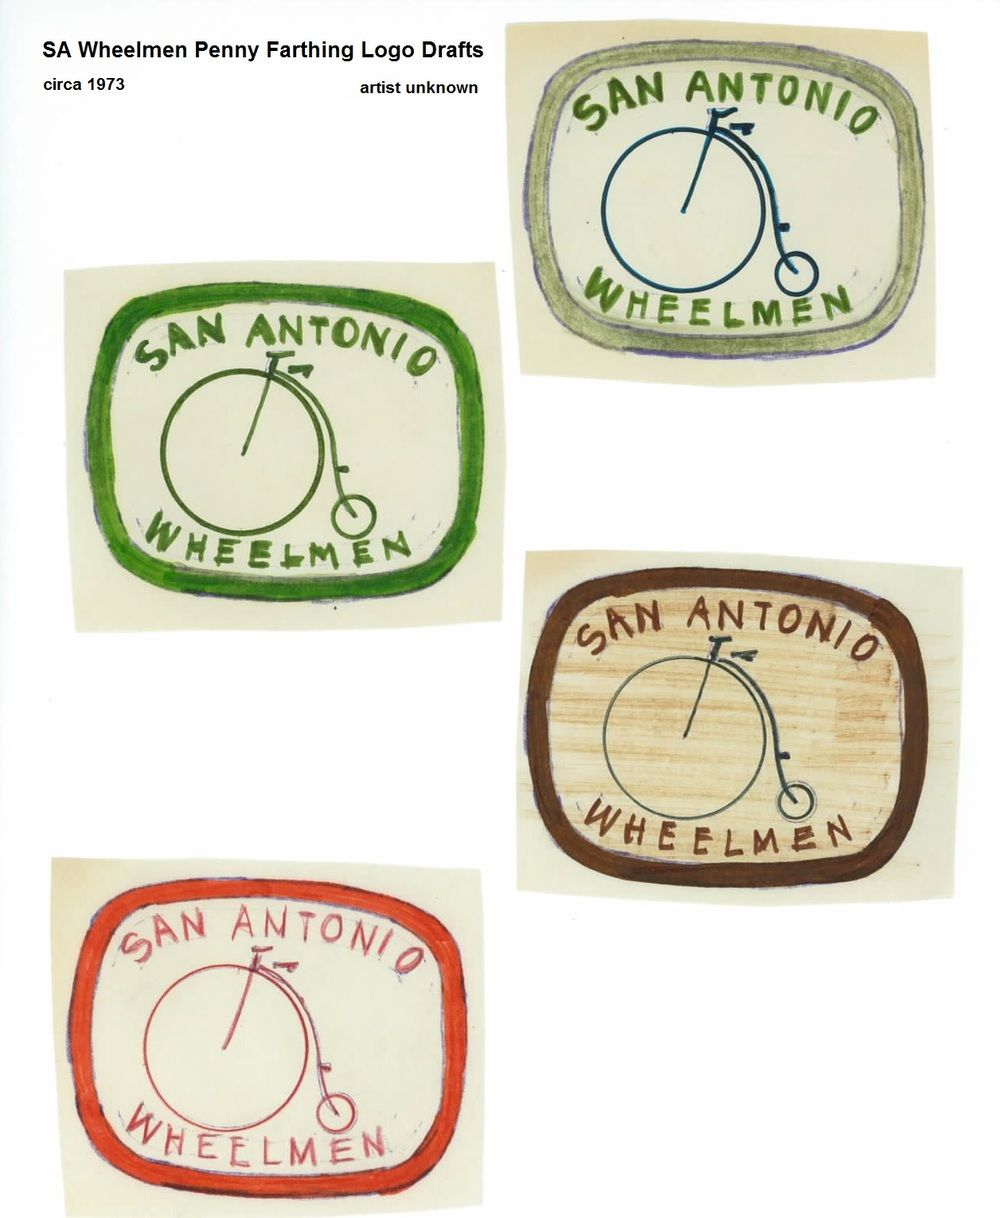 Penny Farthing logos - drafts.jpg